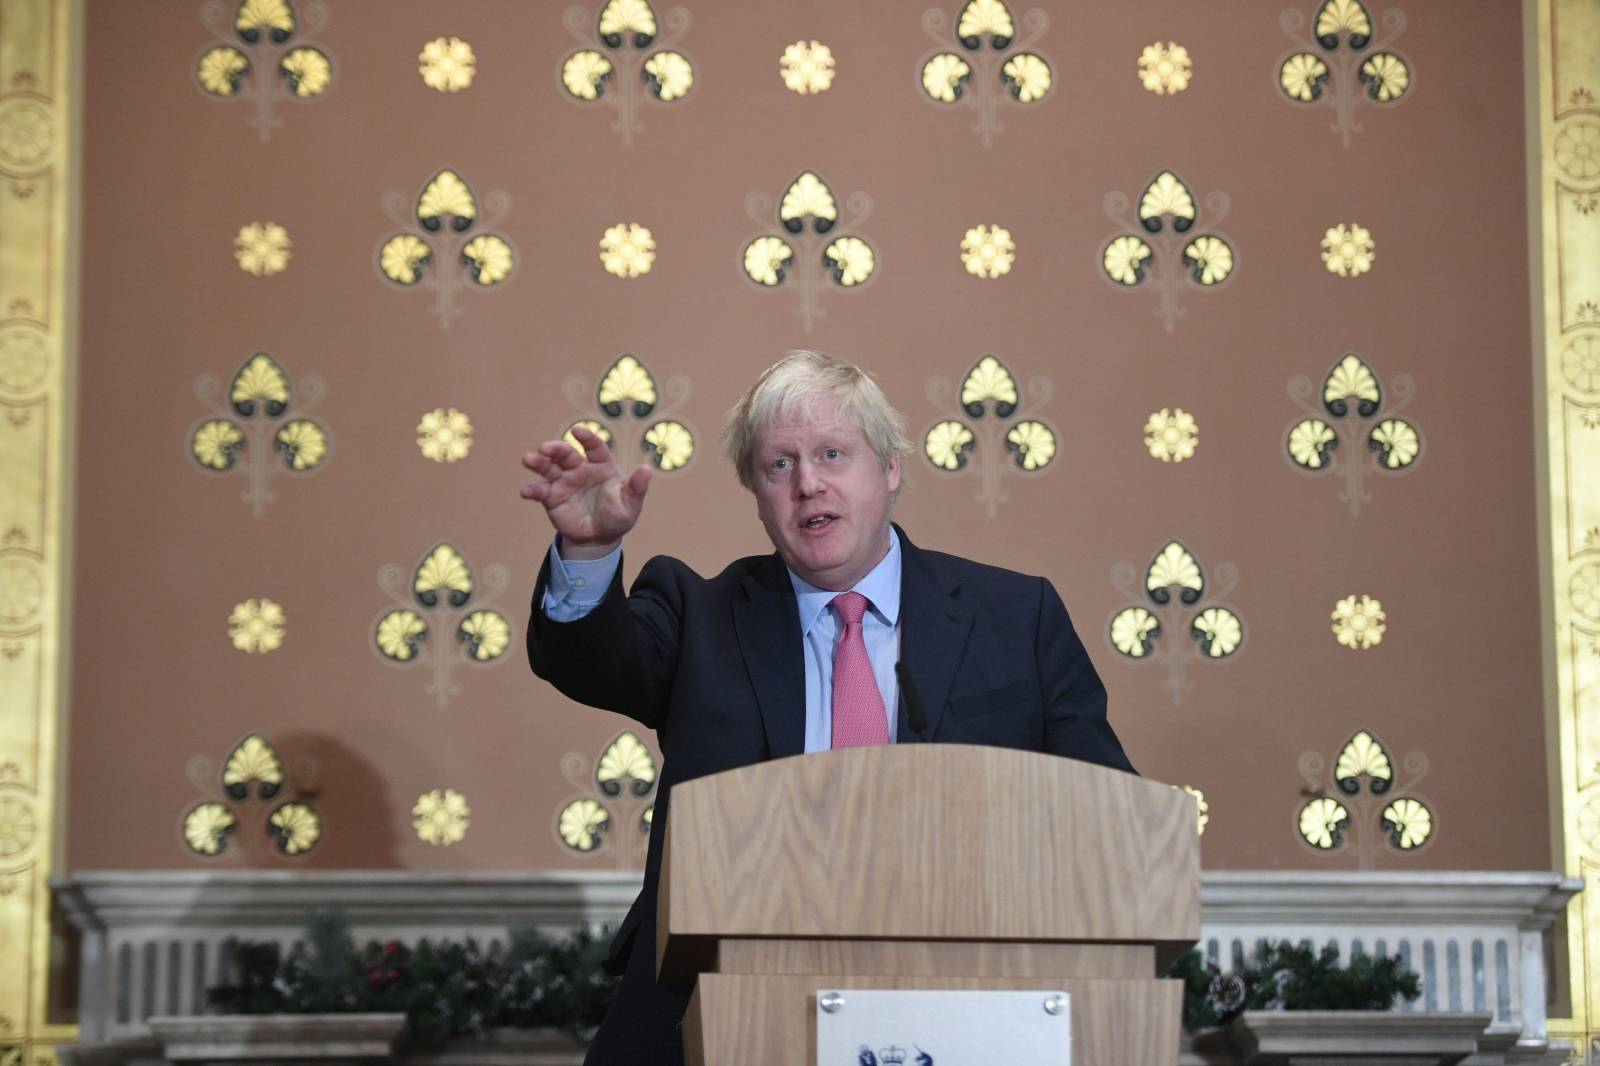 Boris Johnson speech on terrorism